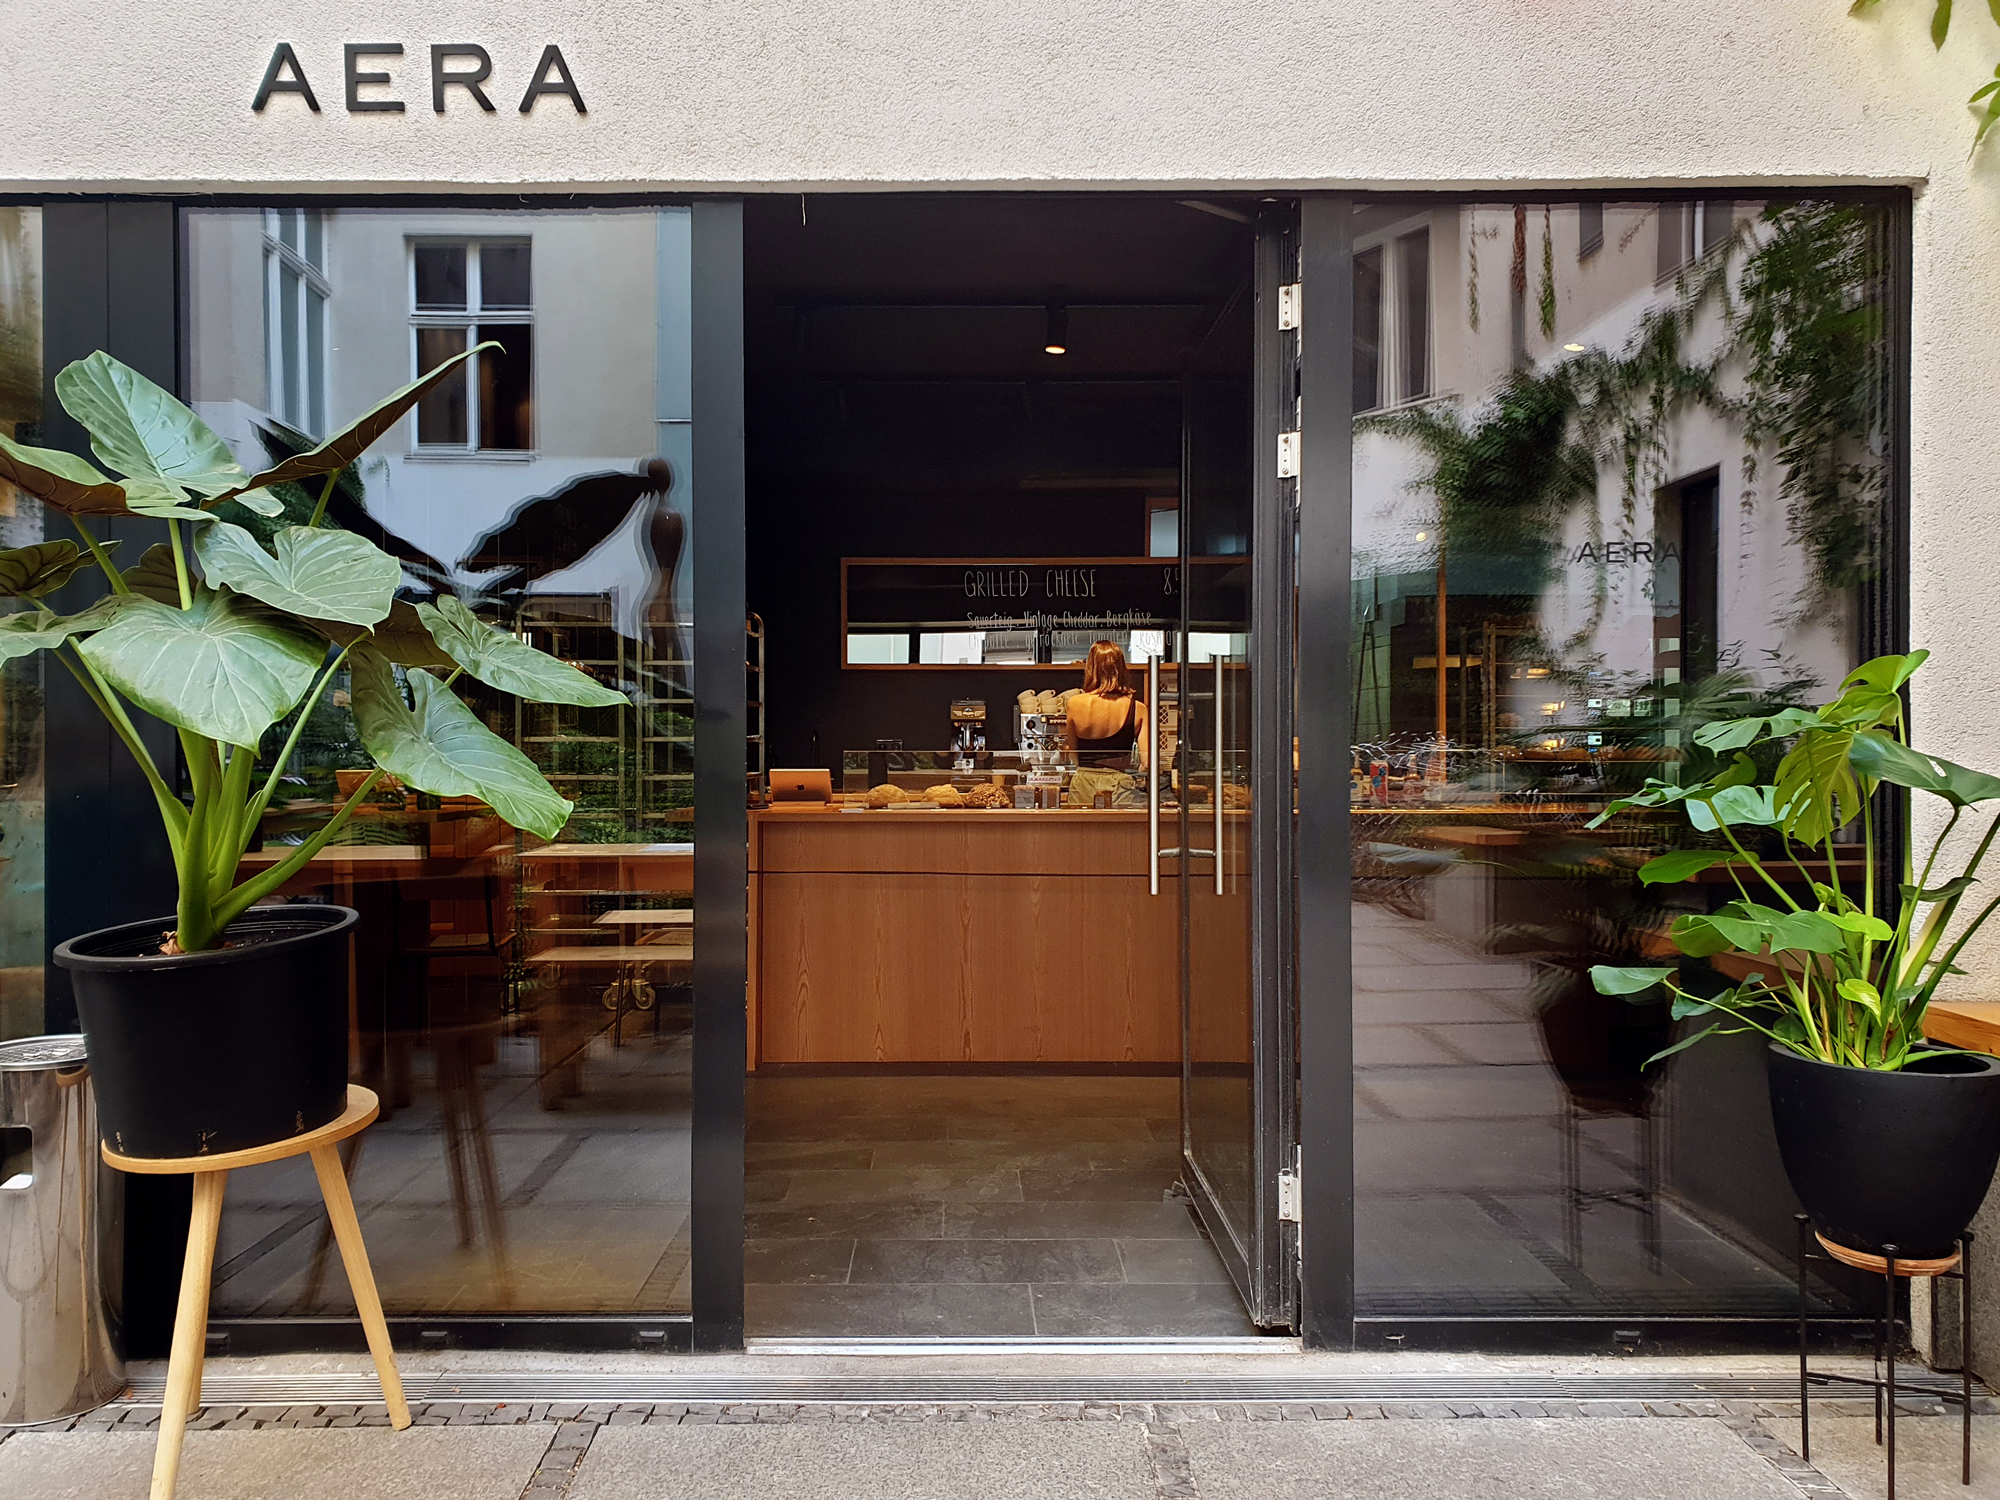 Aera gluten-free bakery